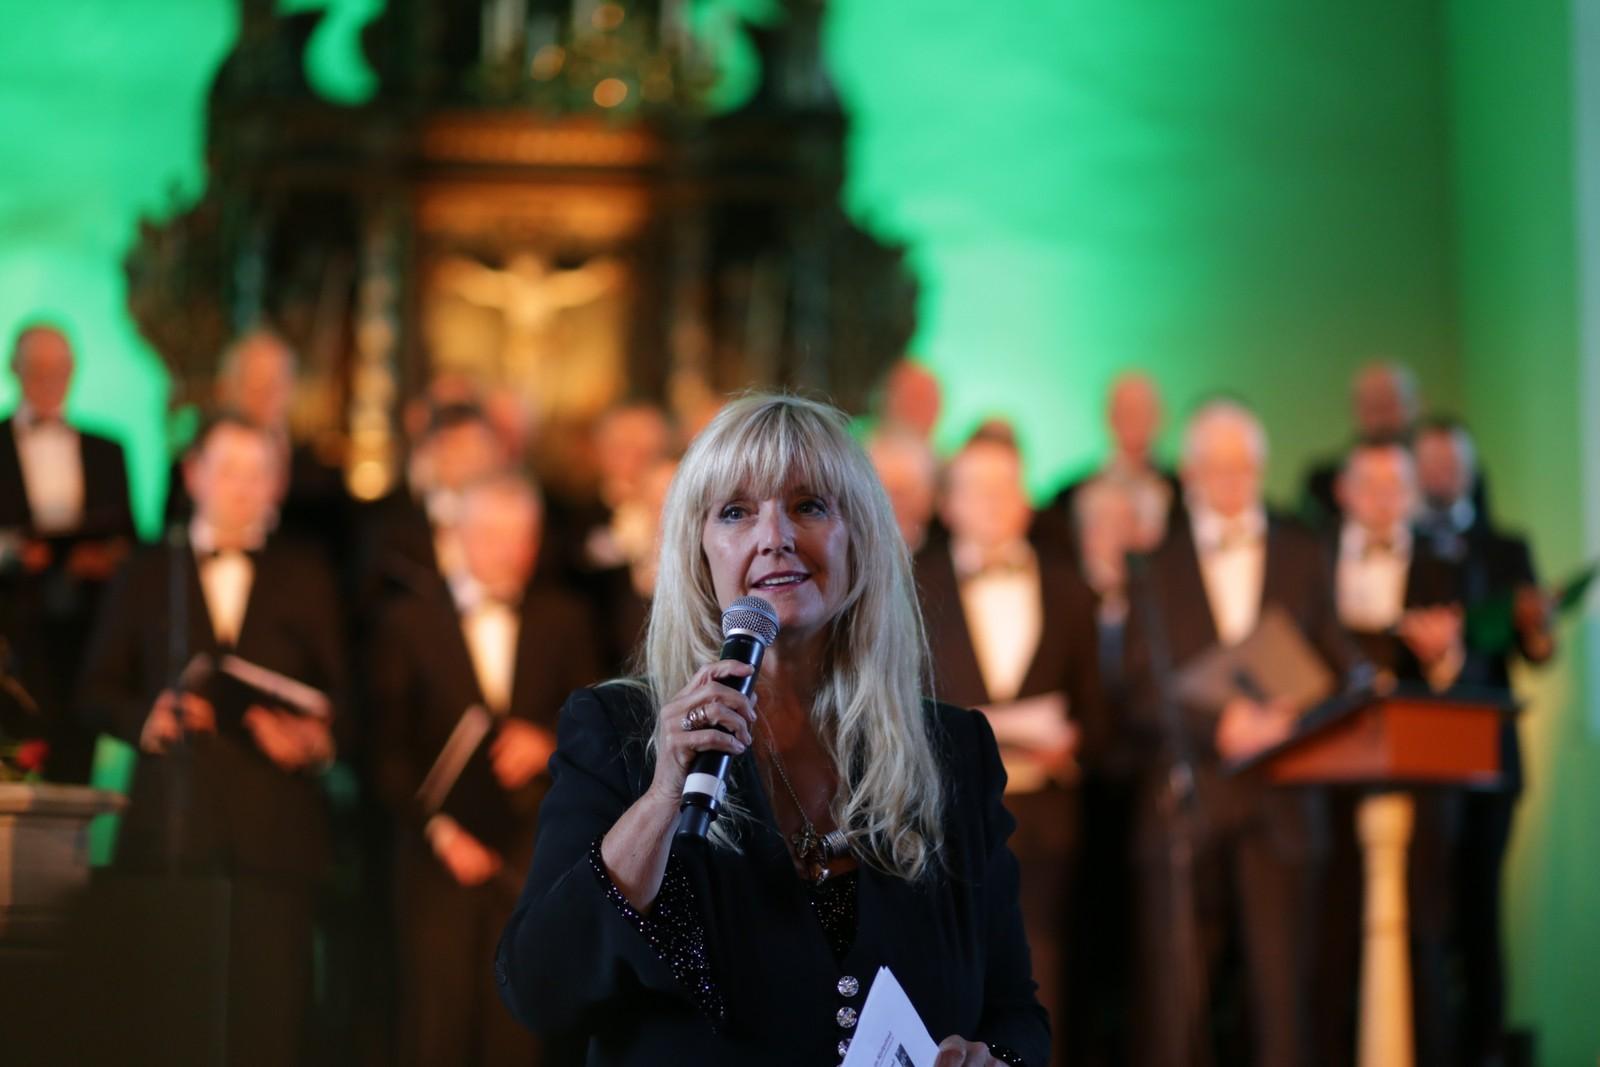 Hanne Krogh sang akkompagnert av Øvre Kvam mannskor.